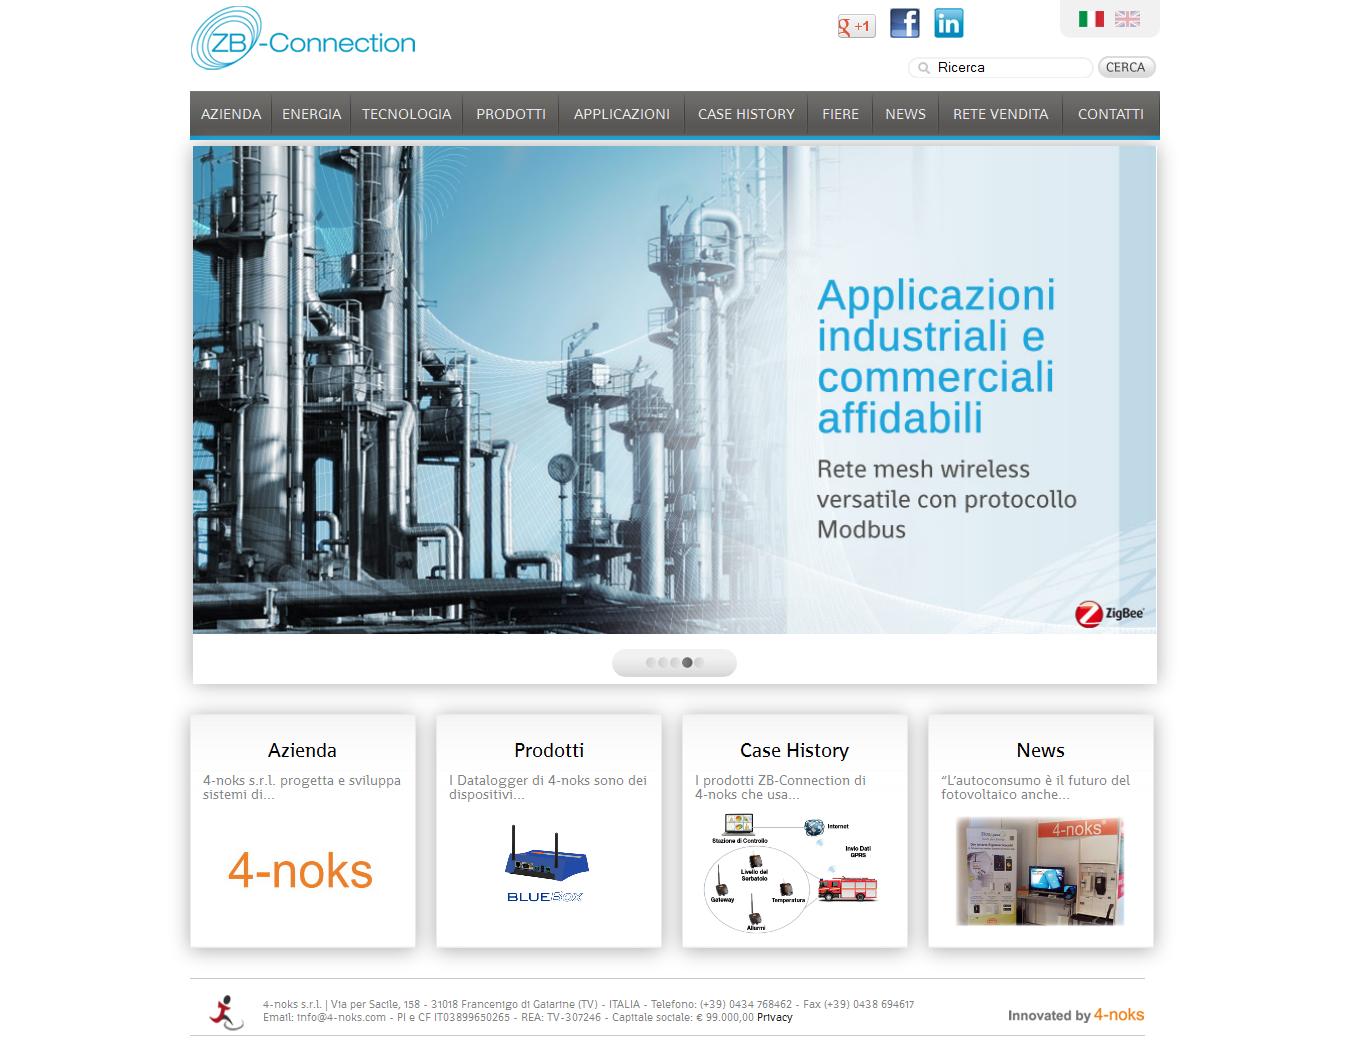 ZB connection Web site